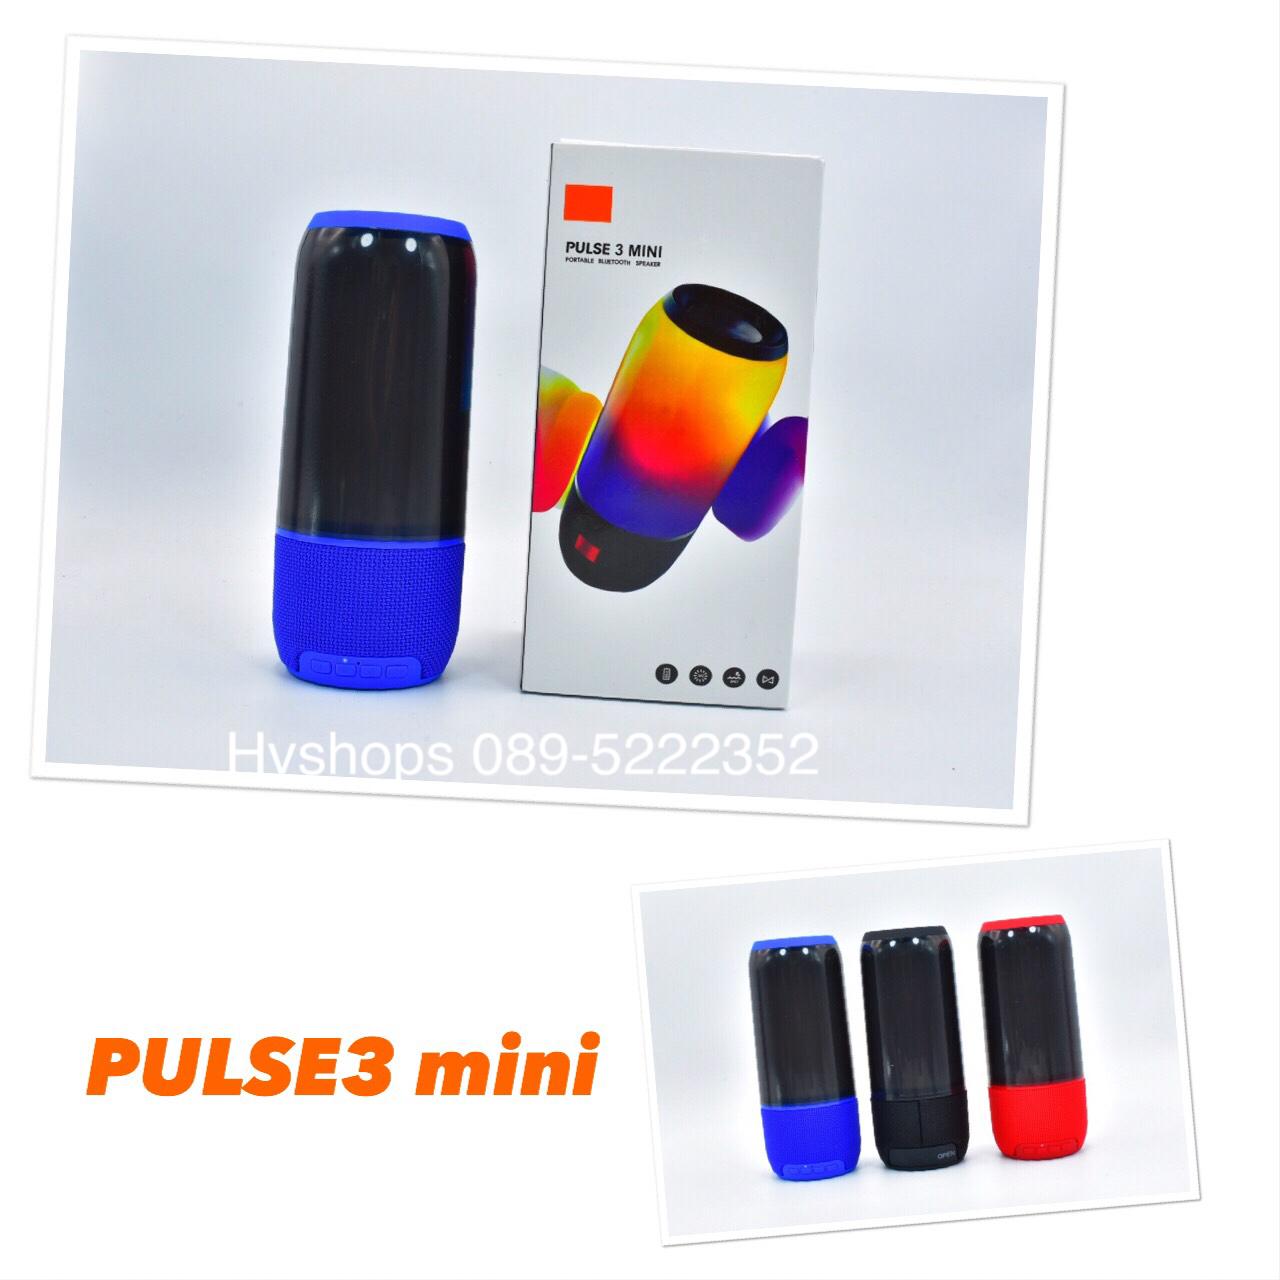 ลำโพงบลูทูธ bluetooth Pulse 3 mini